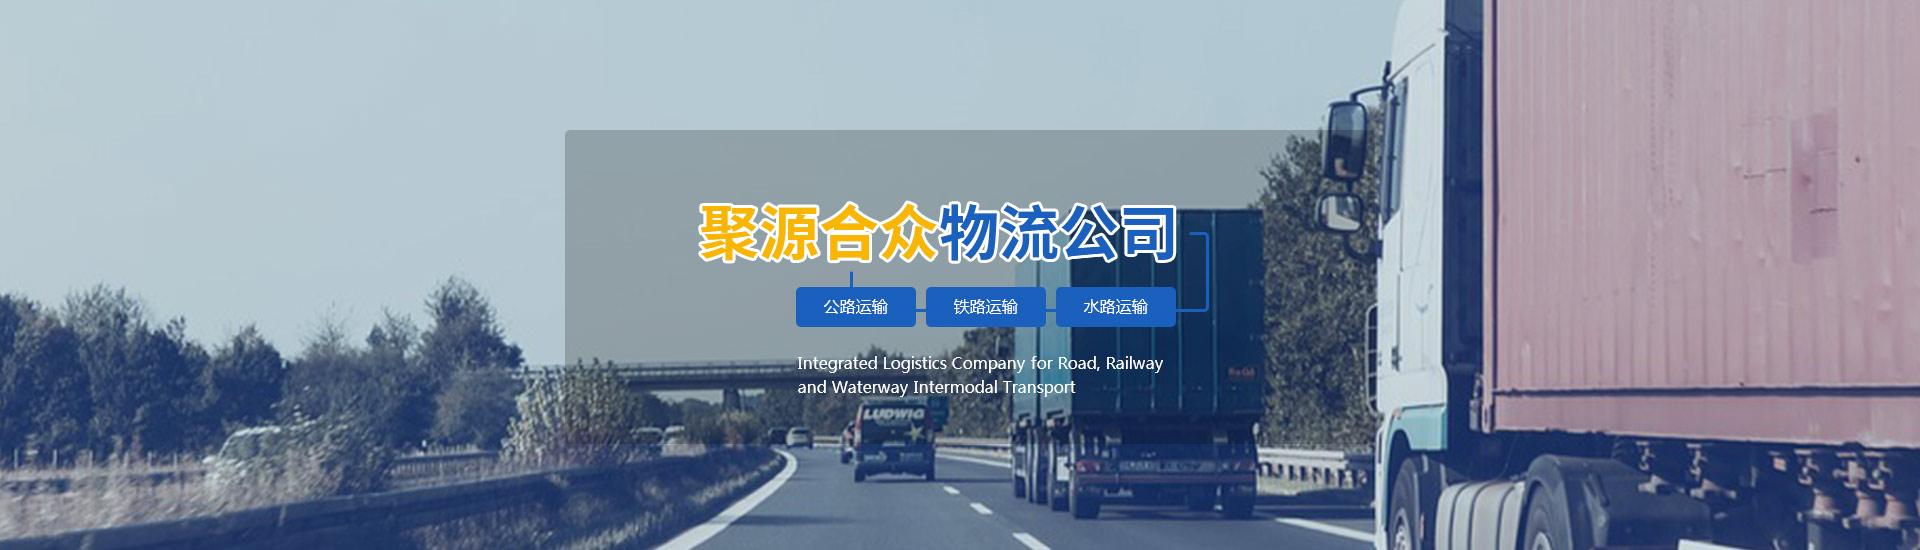 内蒙古设备物流运输